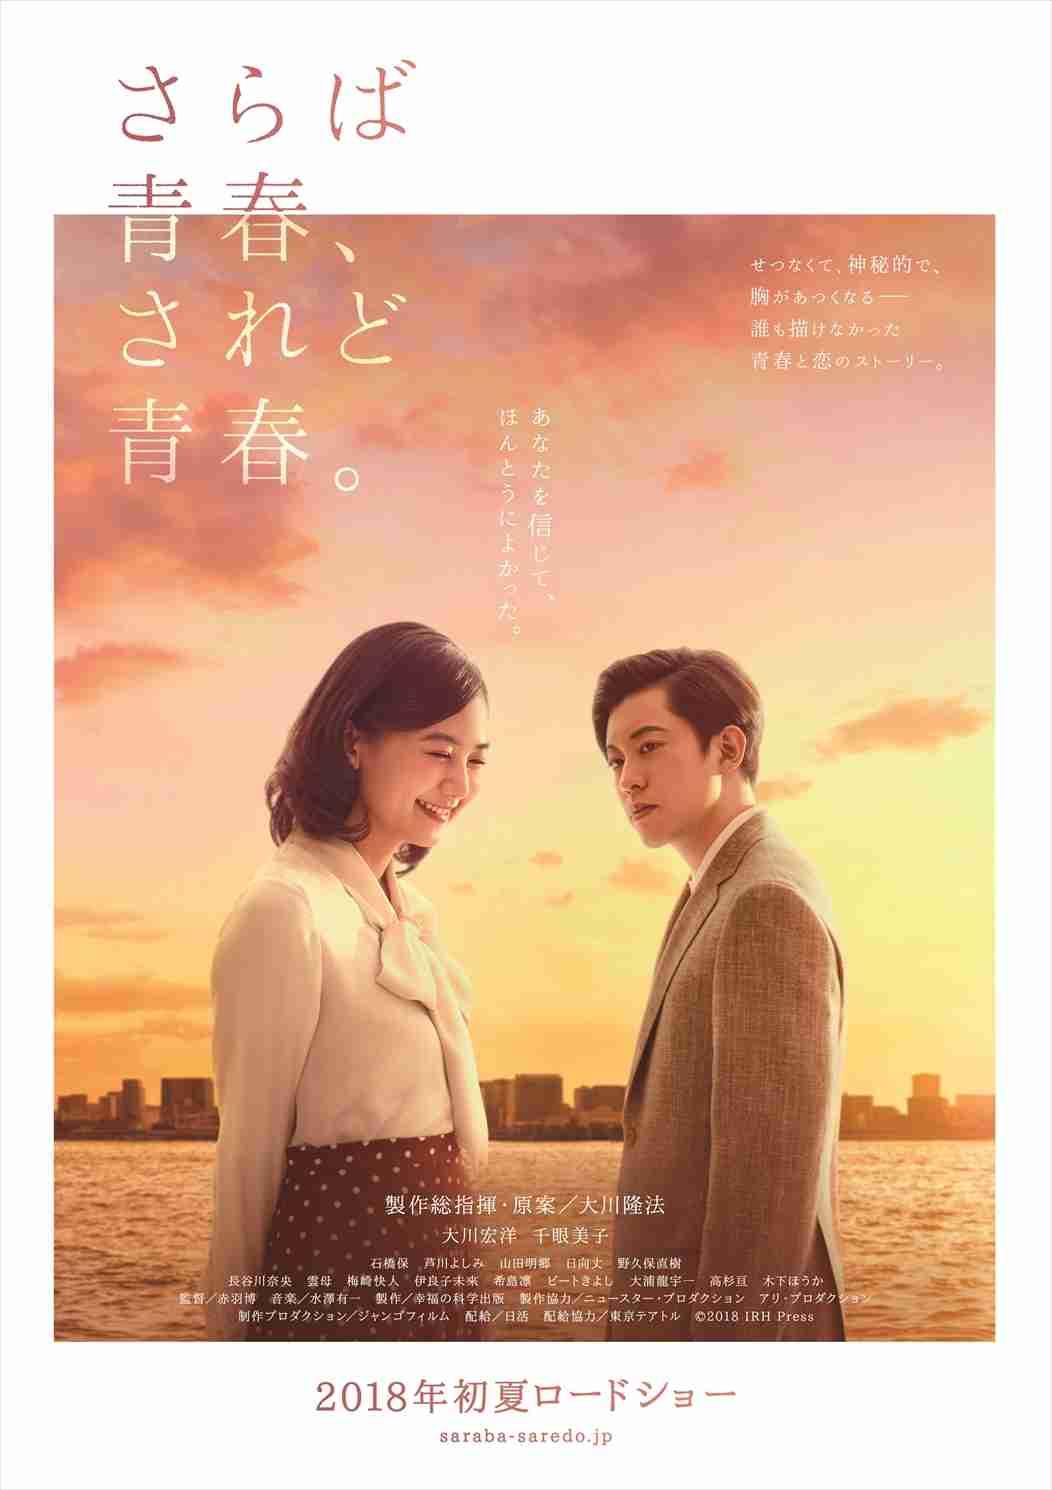 清水富美加、出家後初映画のビジュアル公開 - シネマトゥデイ